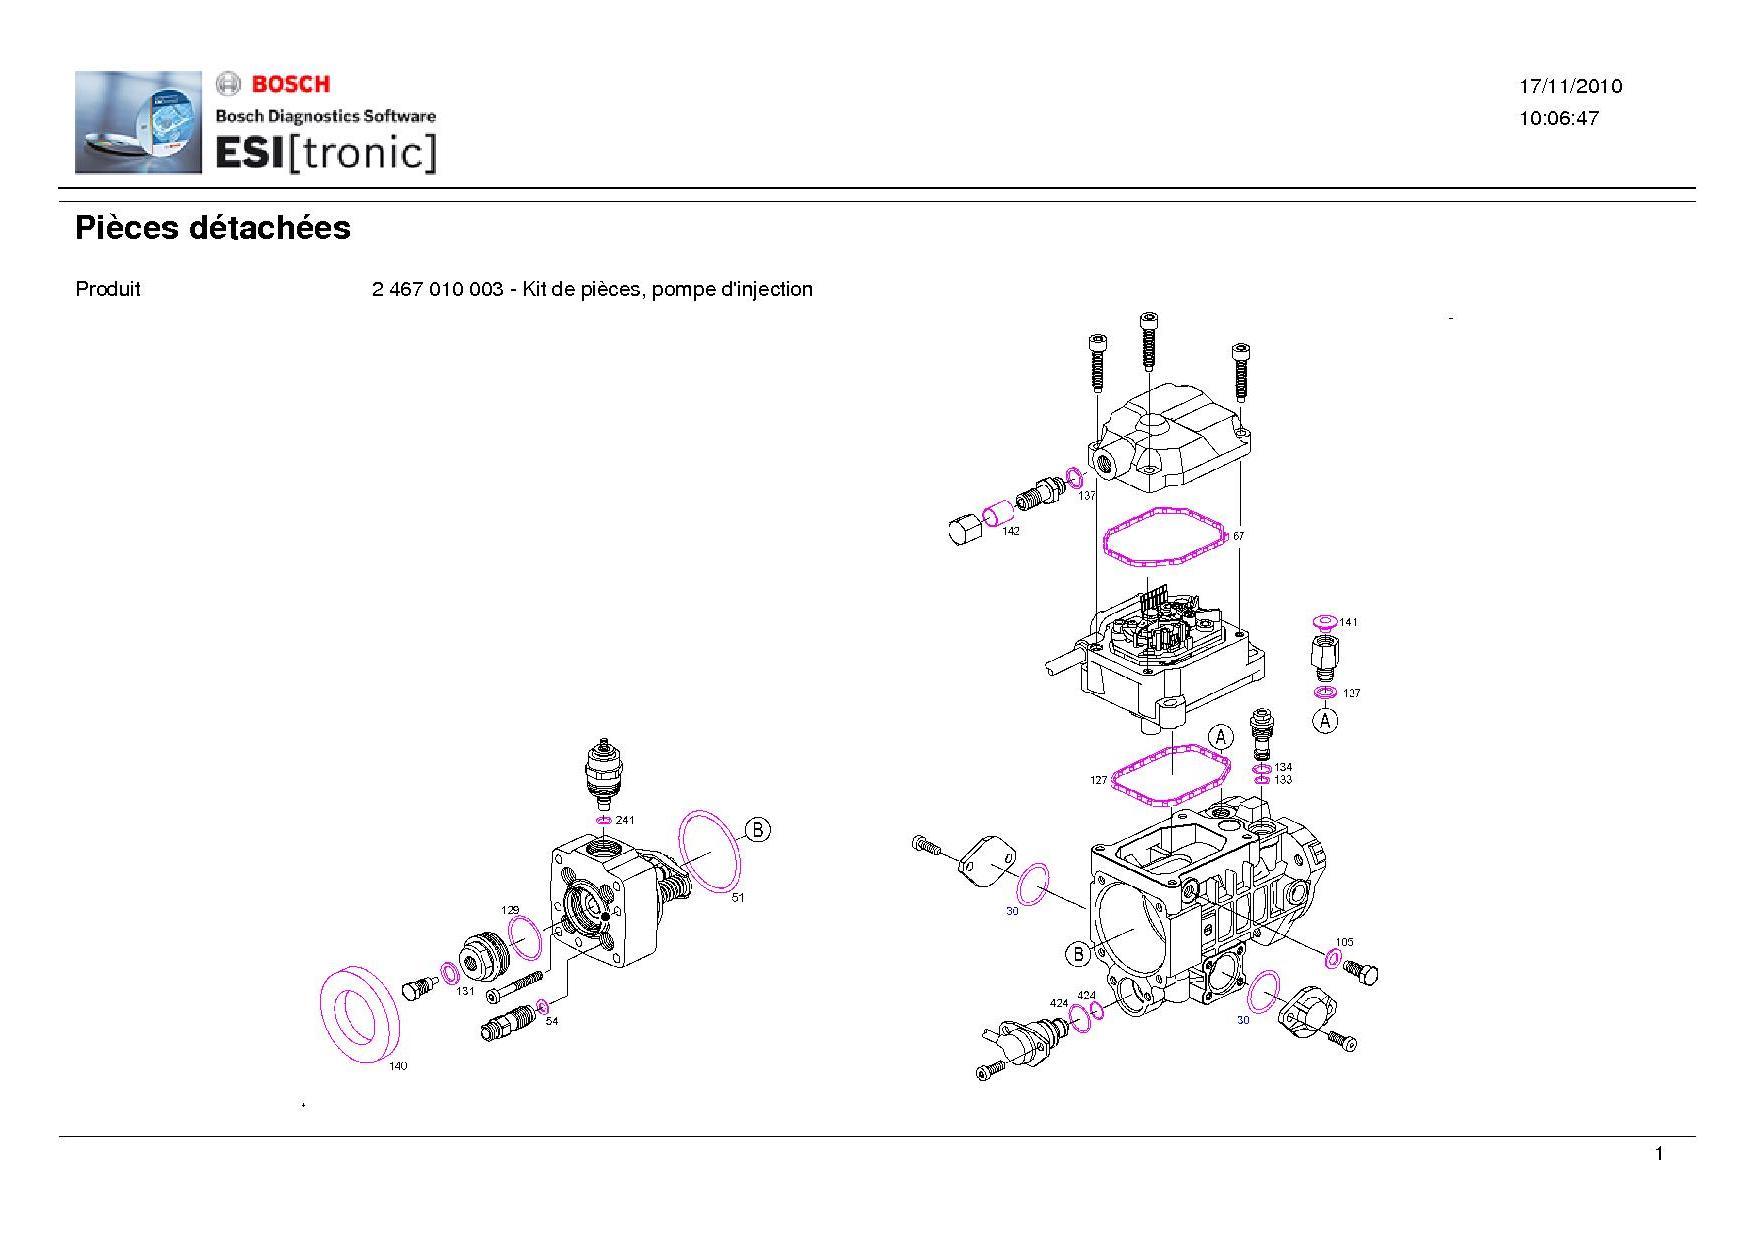 joints vp 36 2467010003. Black Bedroom Furniture Sets. Home Design Ideas